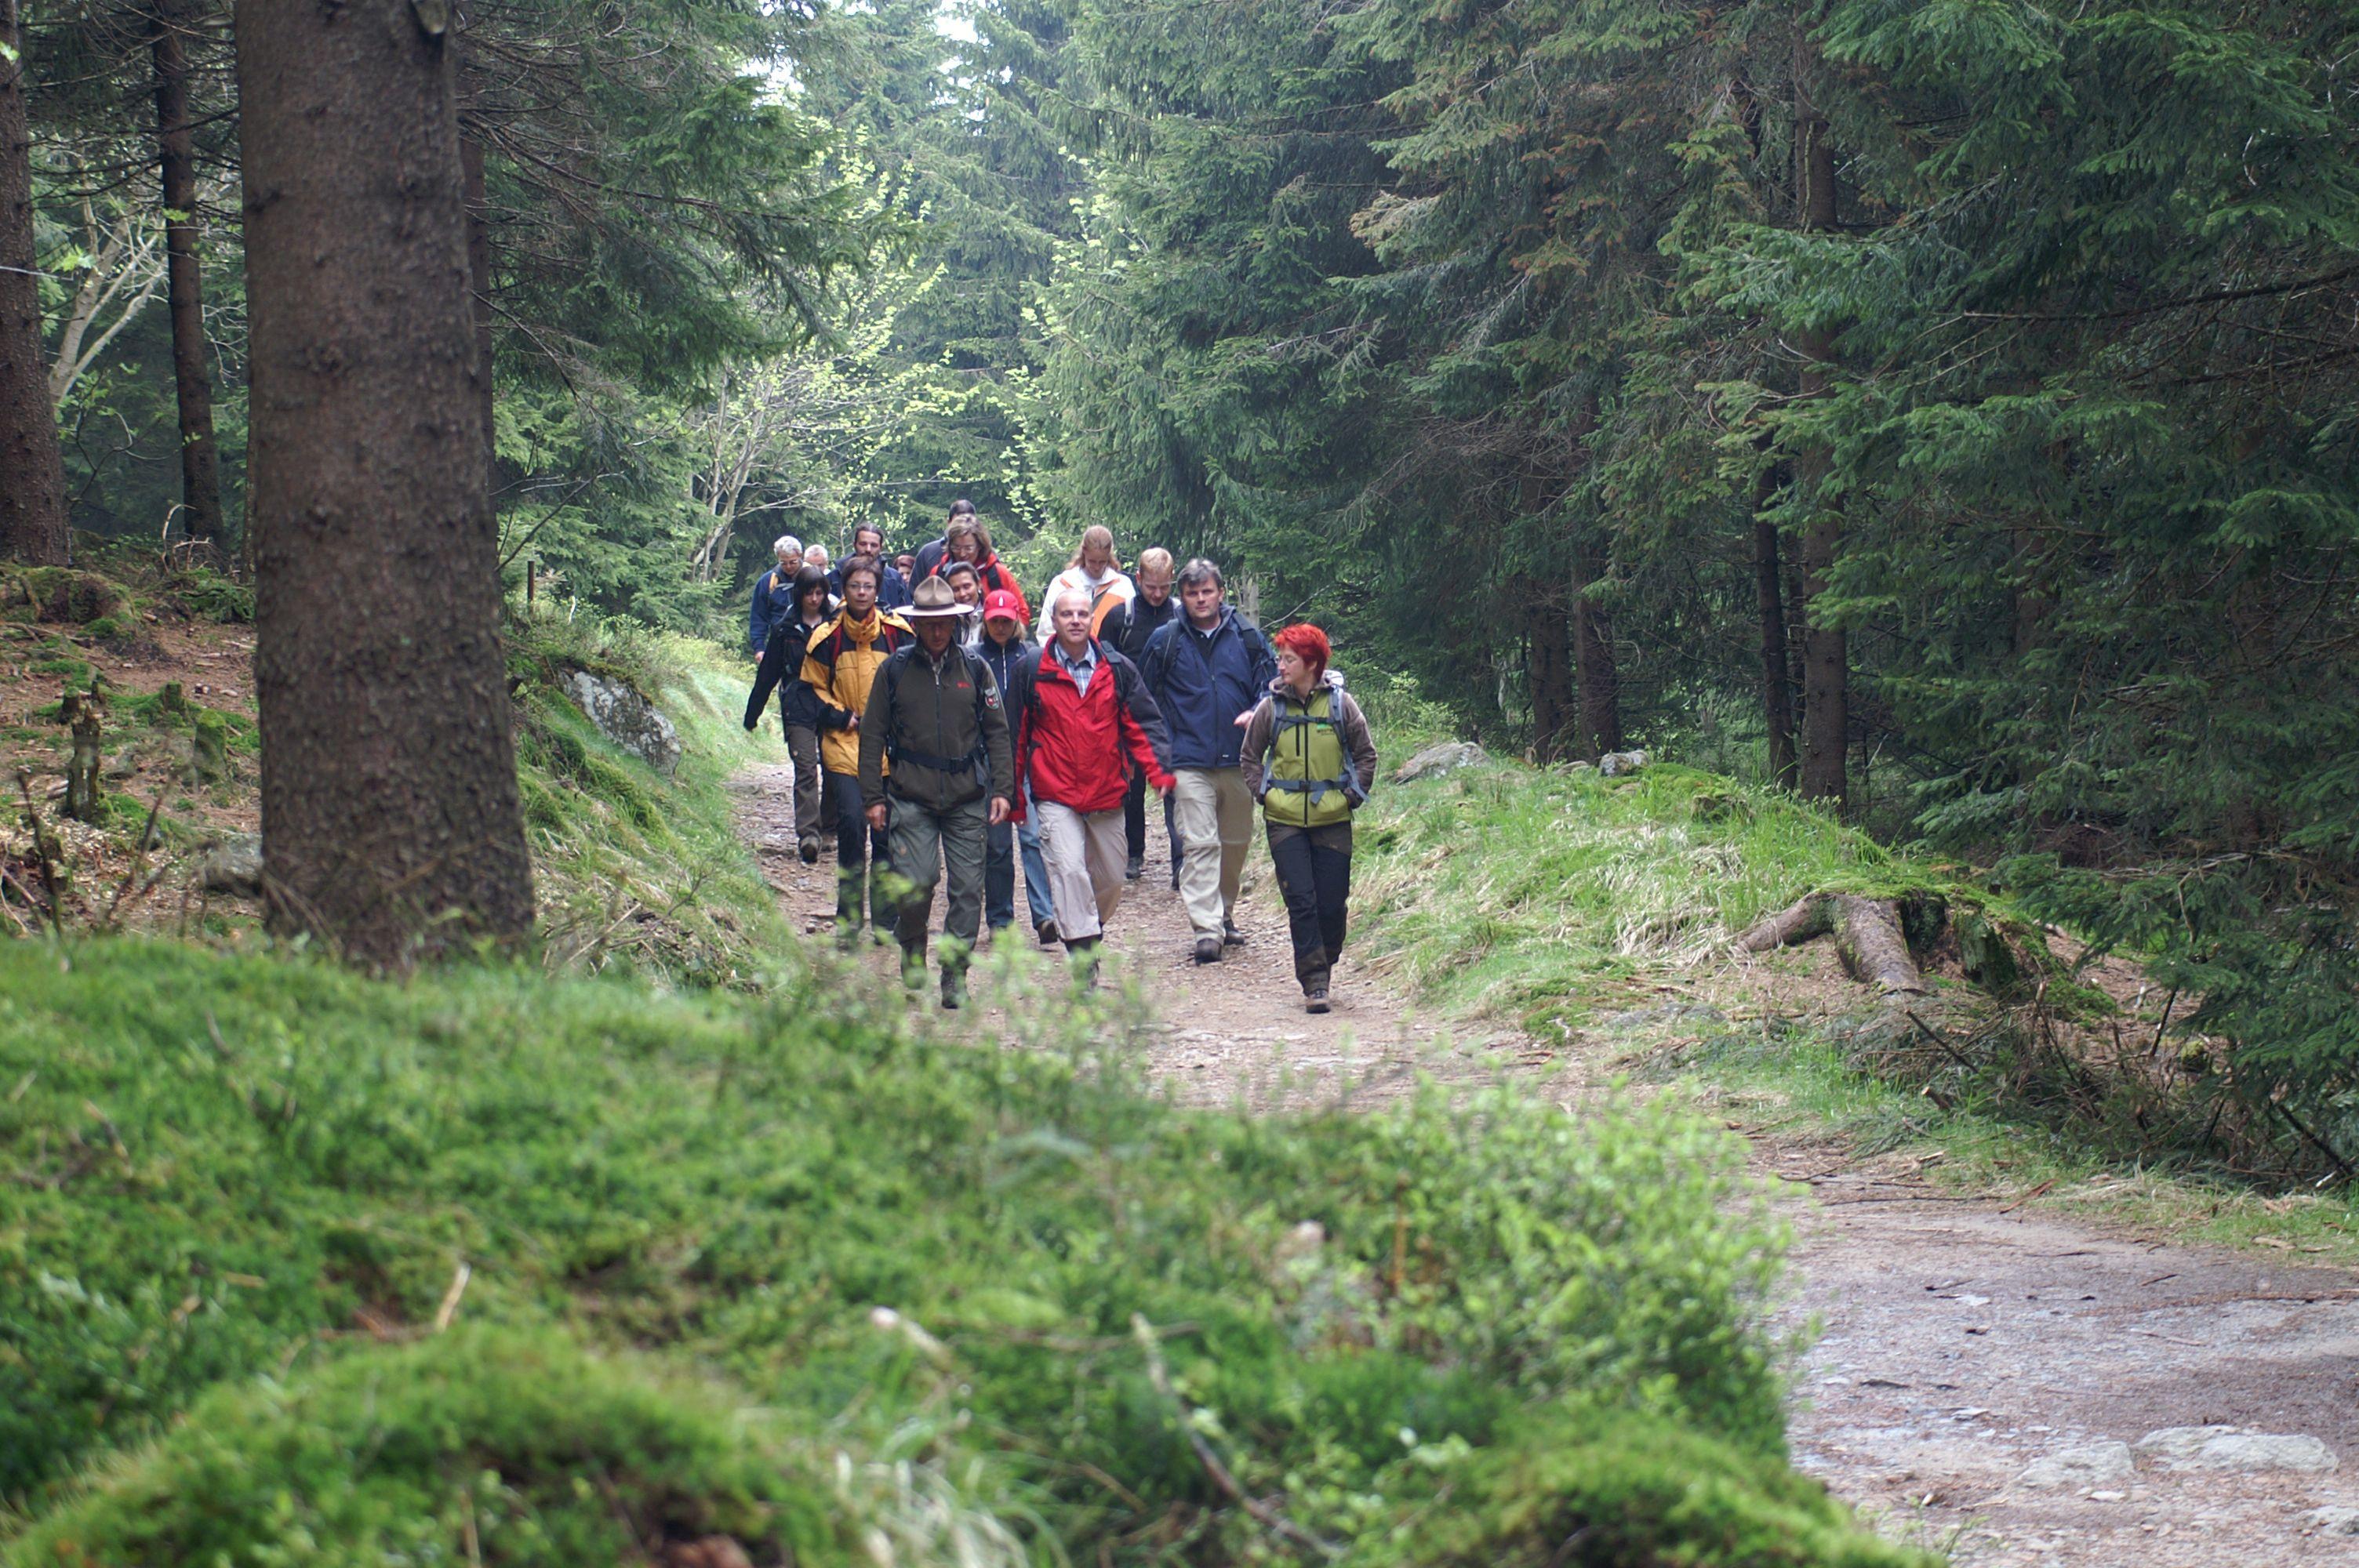 Wanderung mit Ranger auf Harzer-Hexen-Stieg